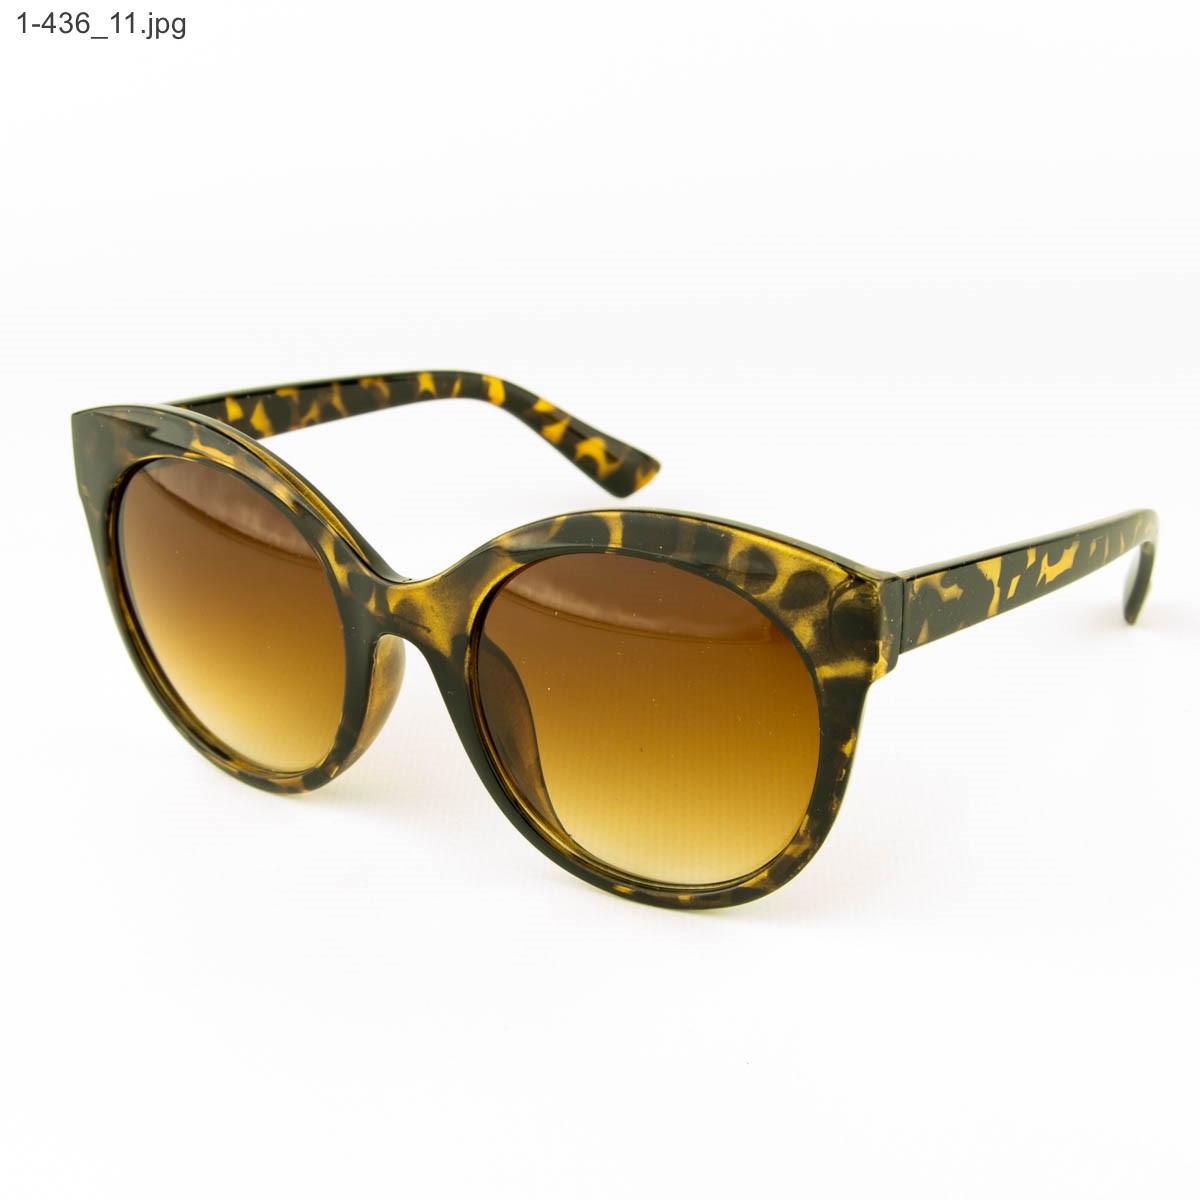 Оптом женские очки солнцезащитные - леопардовые - 1-436